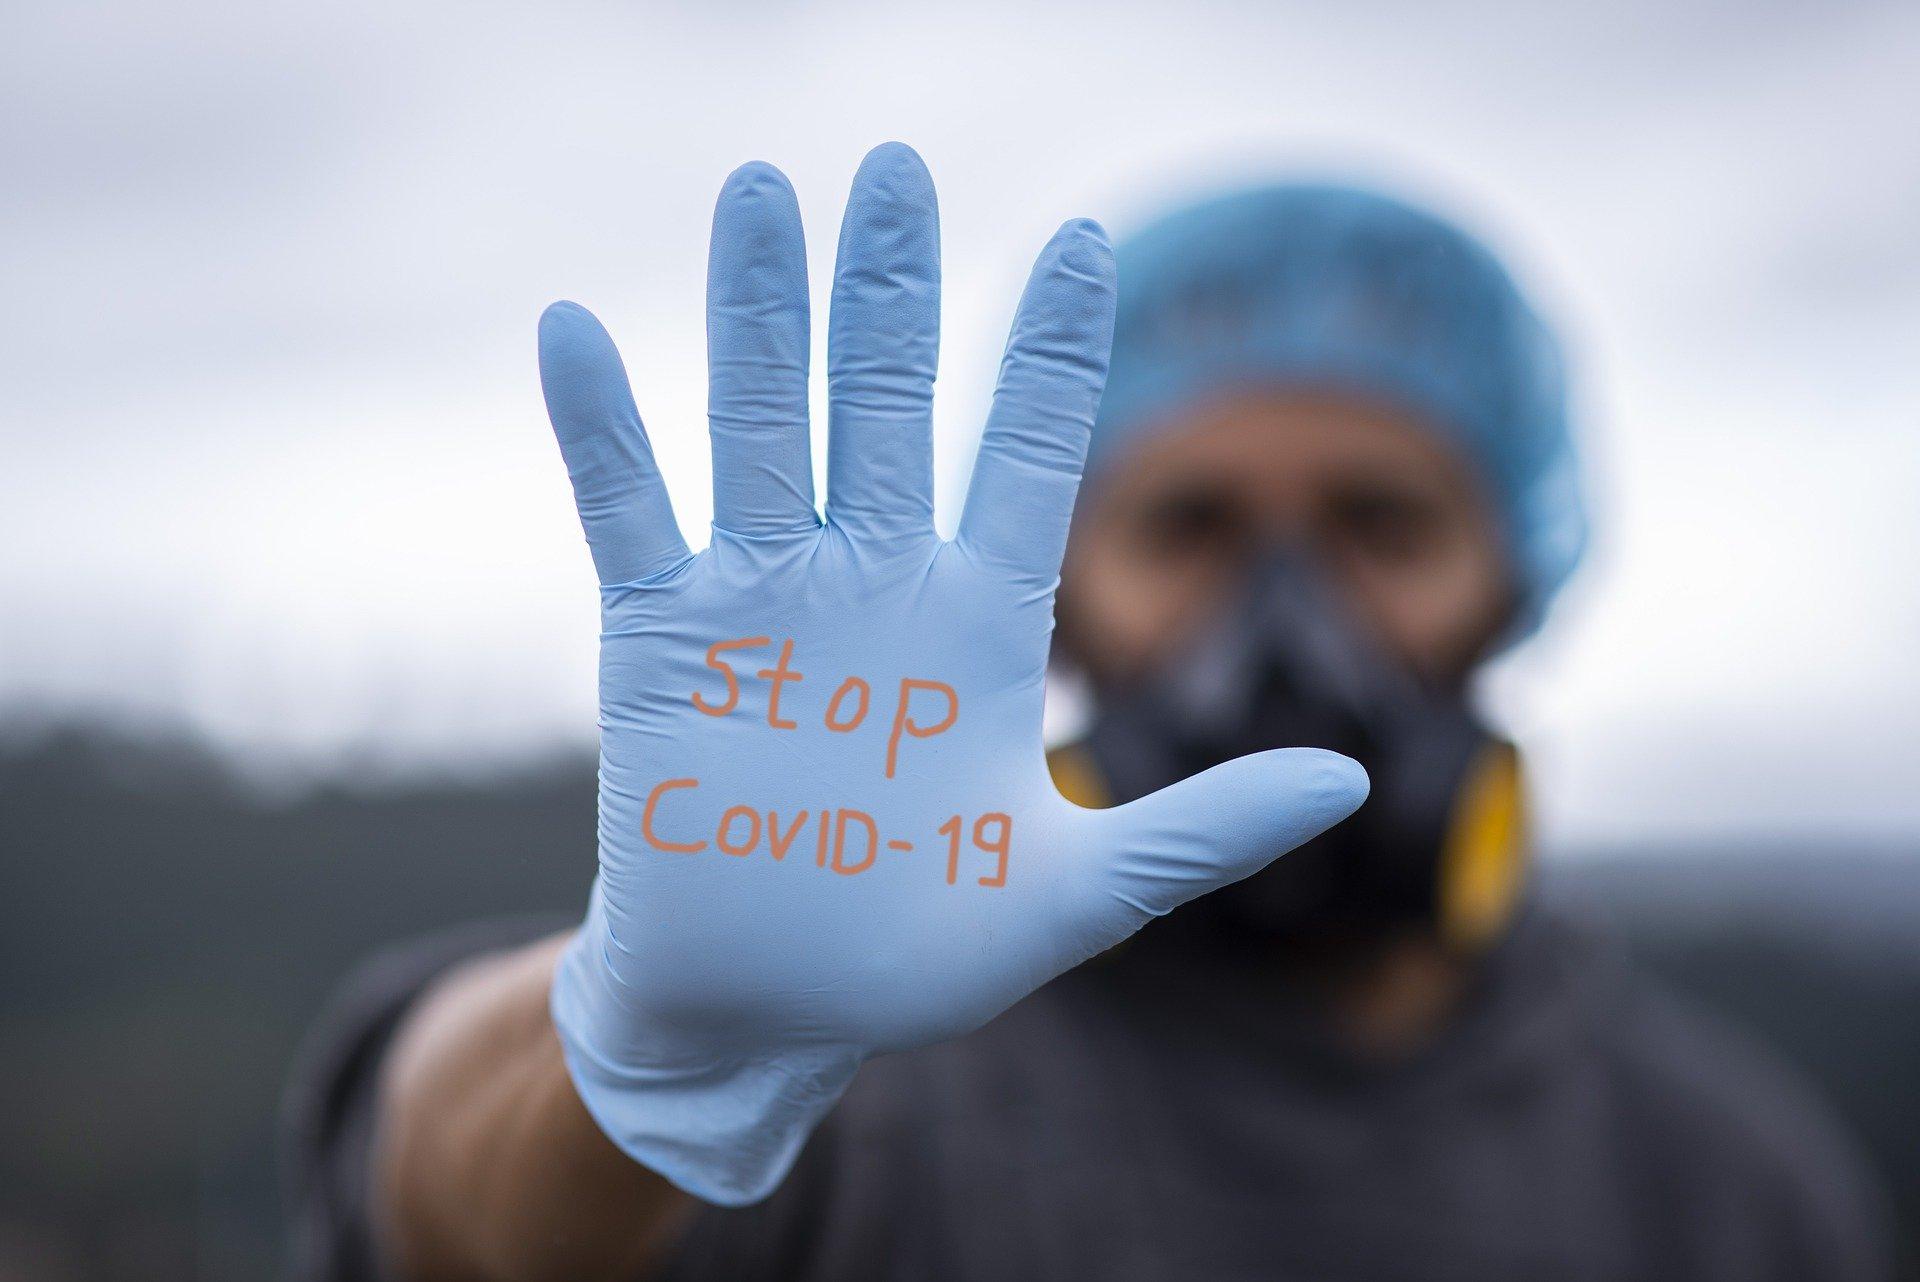 Средний человек считает, что в США от коронавируса умерло 30 миллионов человек